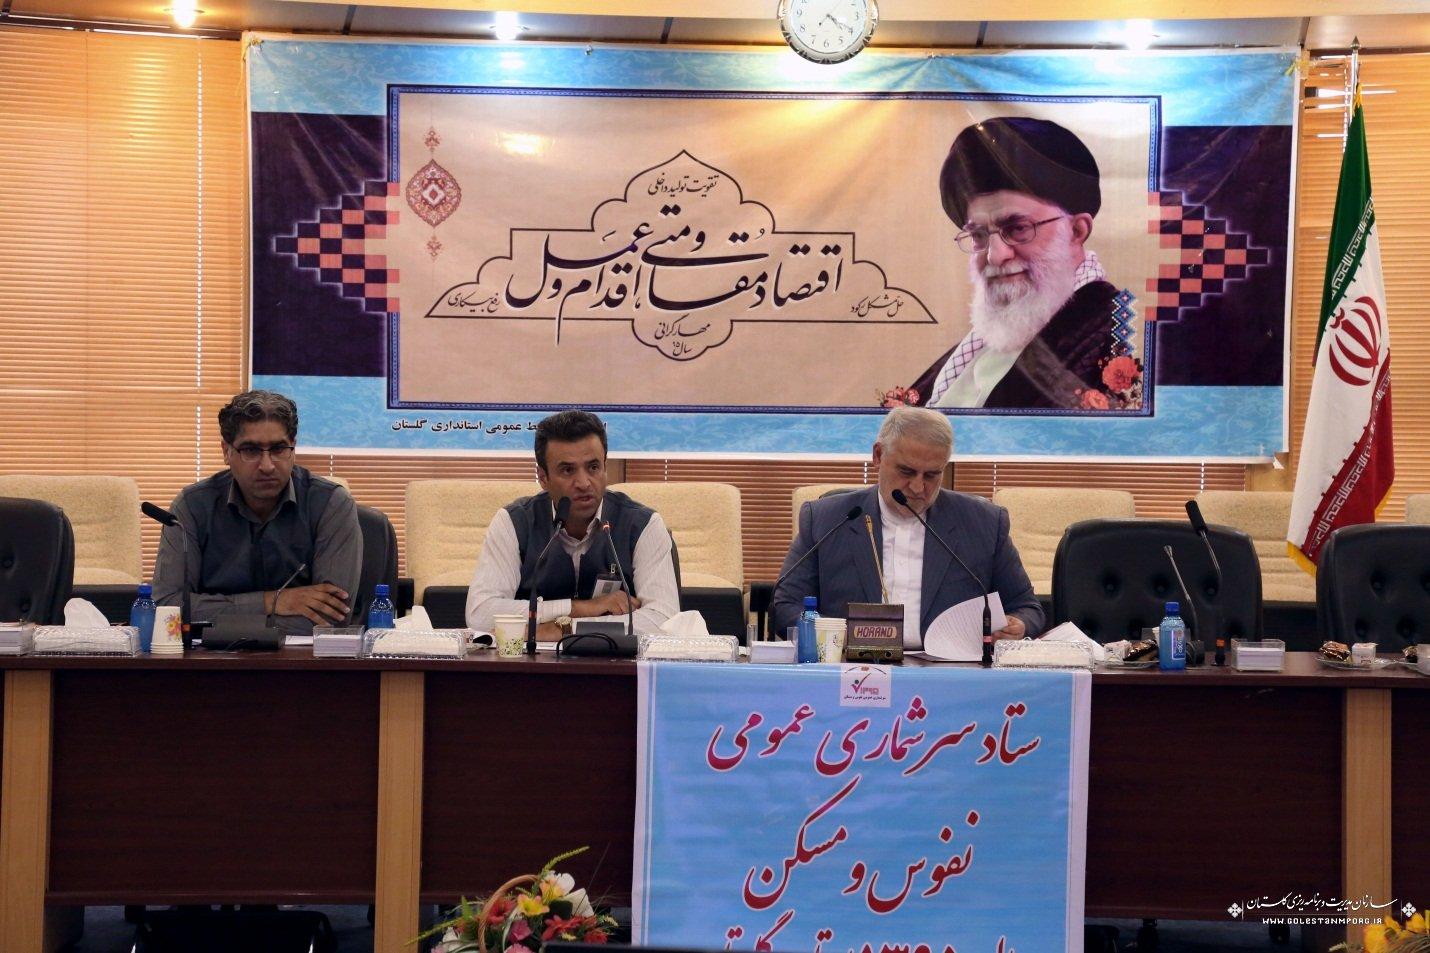 برگزاری اولین جلسه ستاد هماهنگی سرشماری عمومی نفوس و مسکن سال 1395 استان گلستان